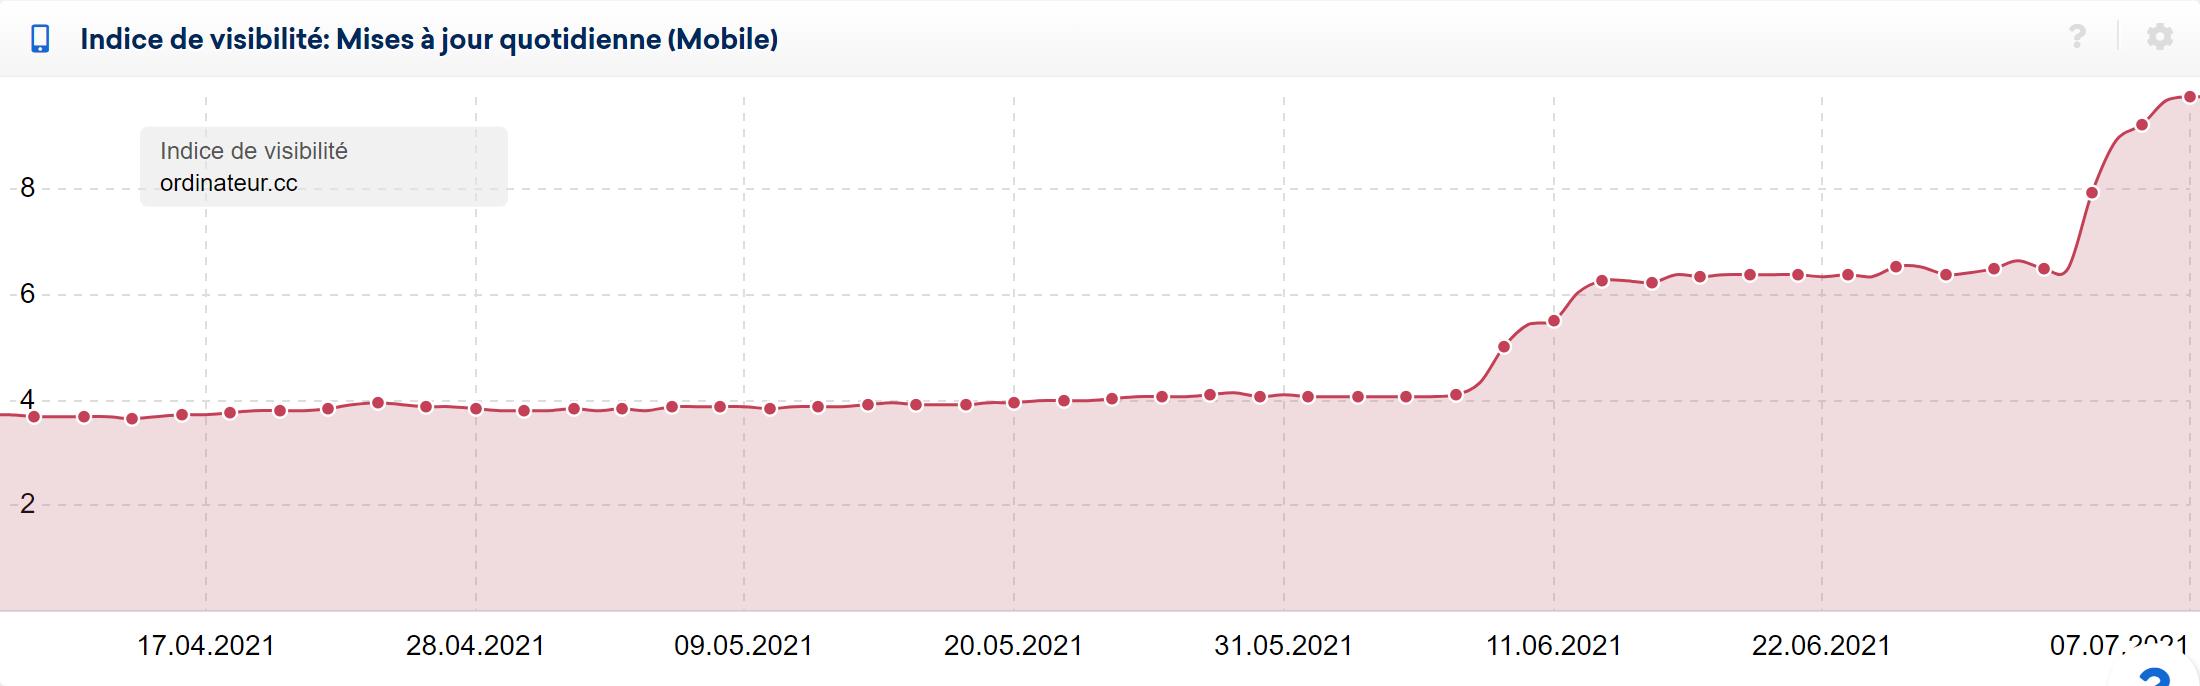 Le site ordinateur.cc a été touché 2 fois positivement lors du core update de juin et juillet 2021